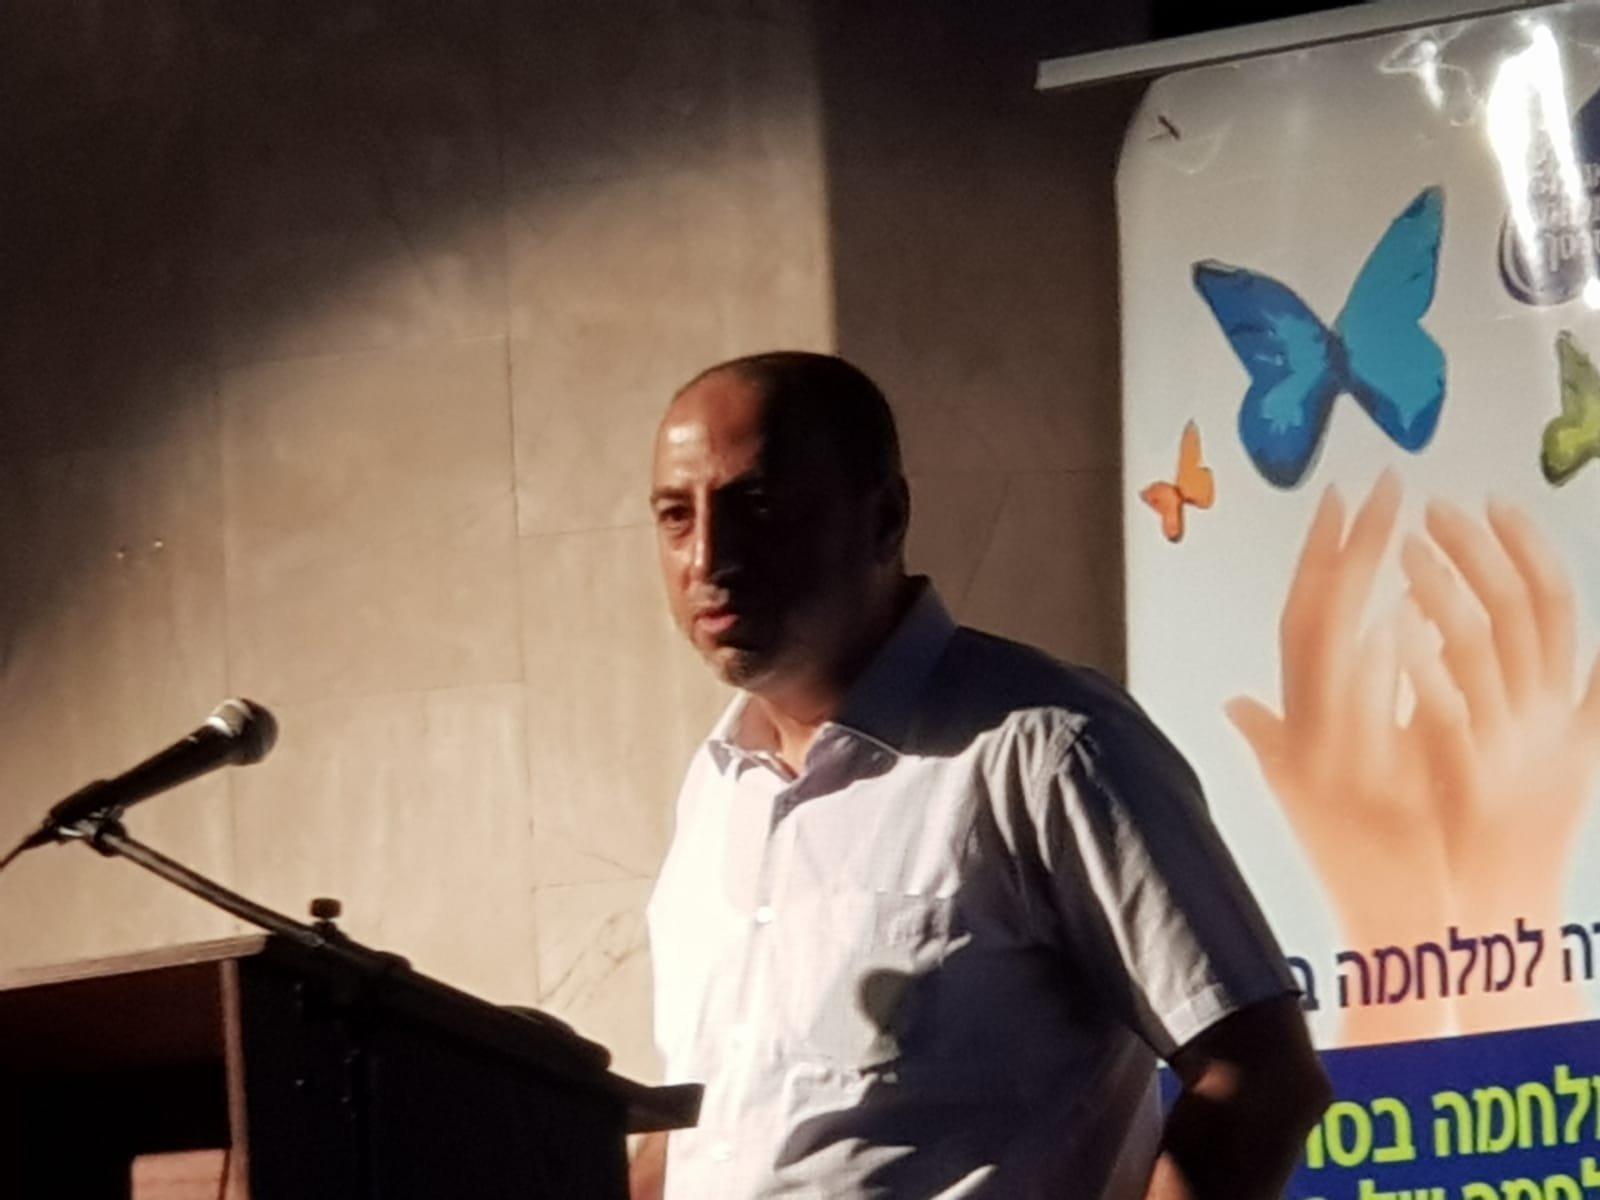 د. سميح يوسف: للعلاج البيولوجي نجاعة بالشفاء من سرطان الثدي